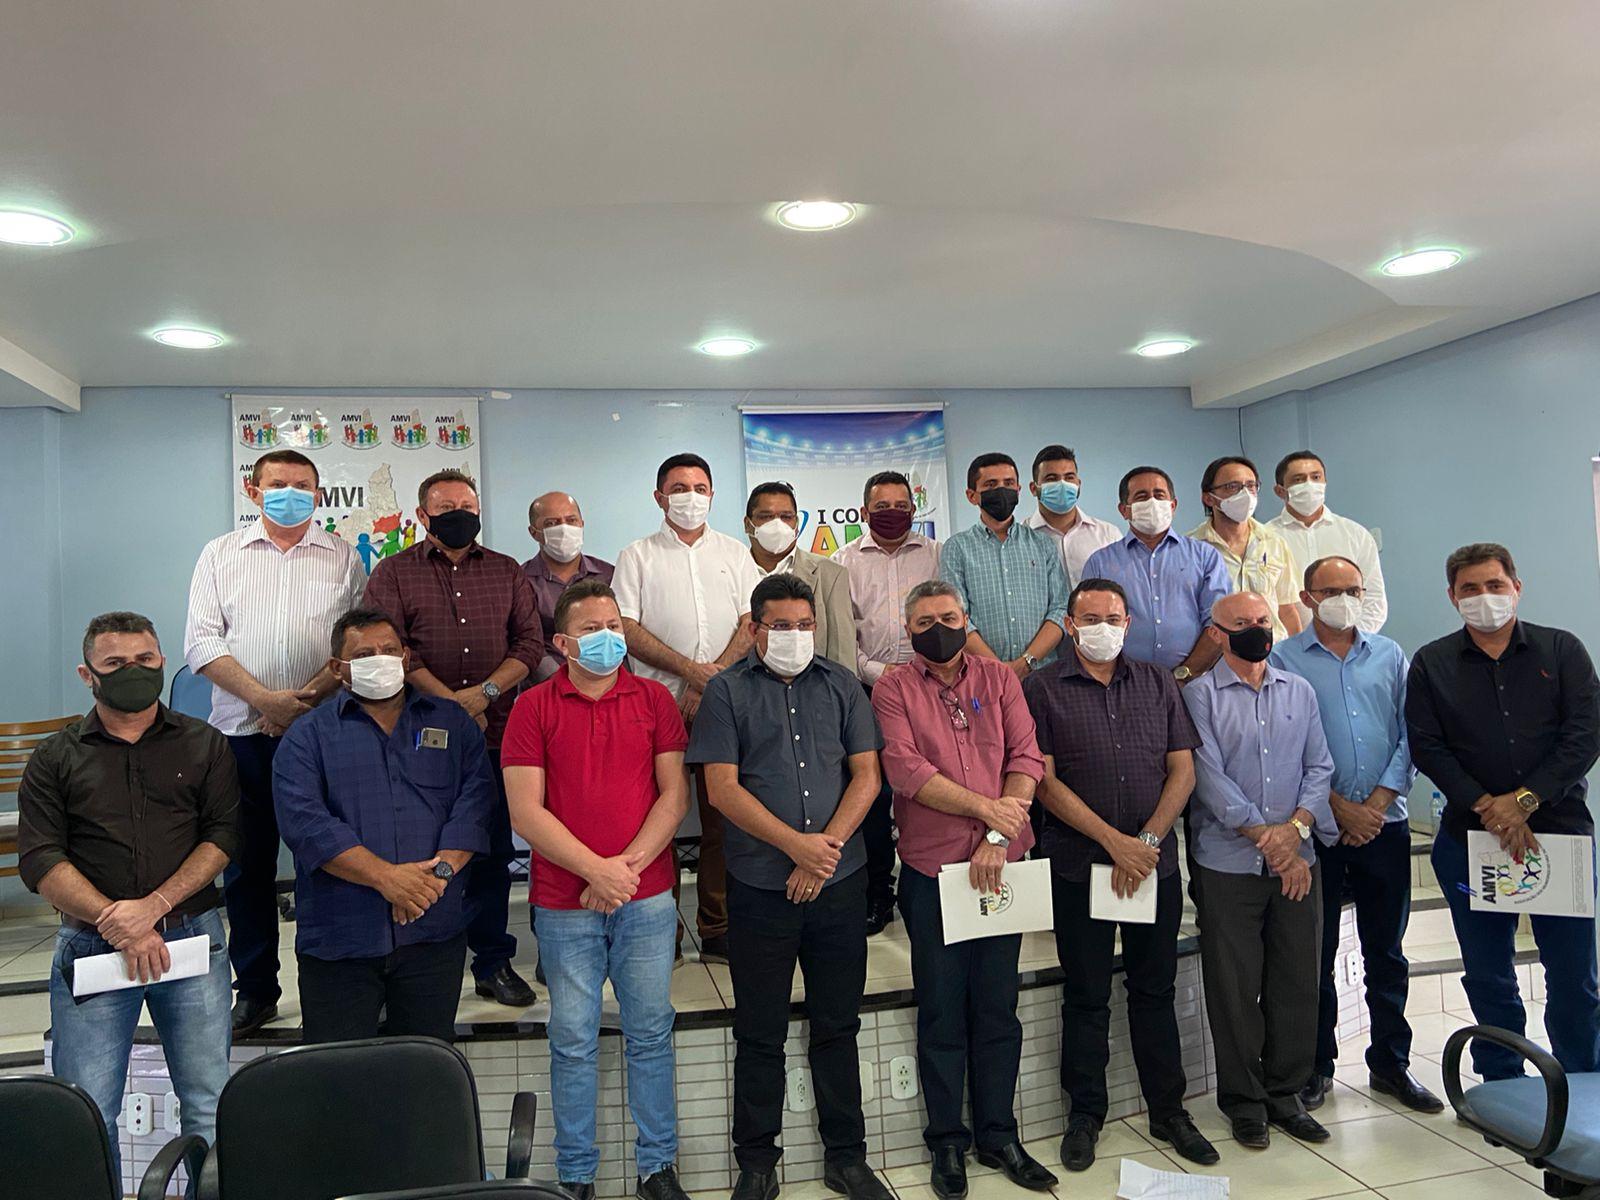 Em Picos, AMVI promove encontro com prefeitos e discute melhorias para a Região do Vale do Itaim